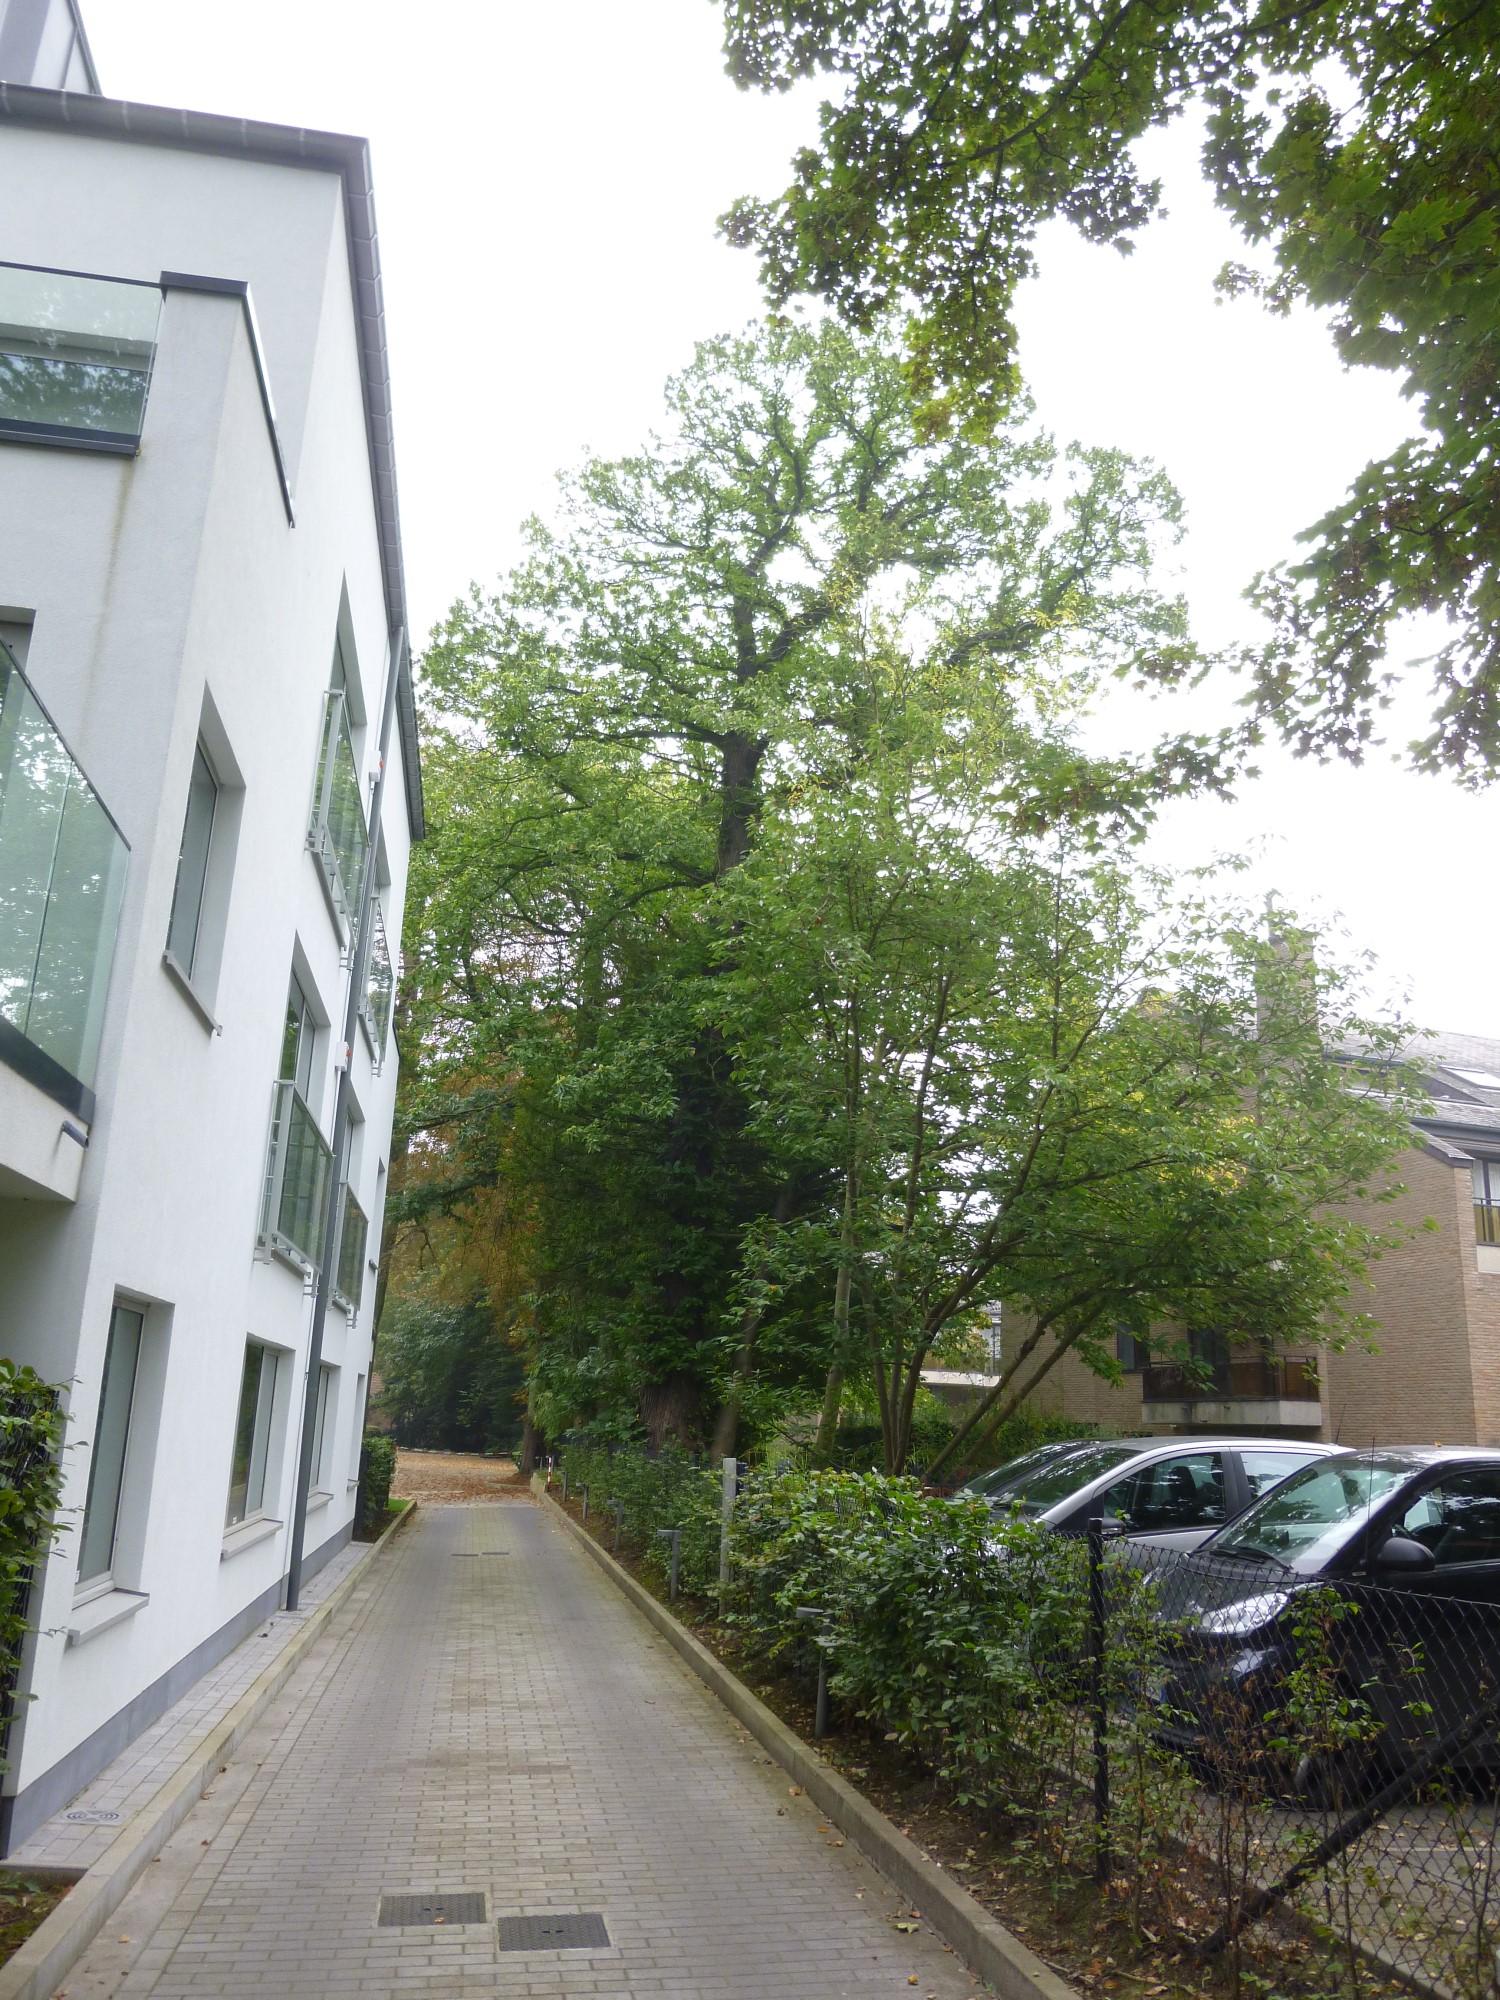 Tamme kastanje – Watermaal-Bosvoorde, Emile Van Becelaerelaan, 13 –  08 September 2014